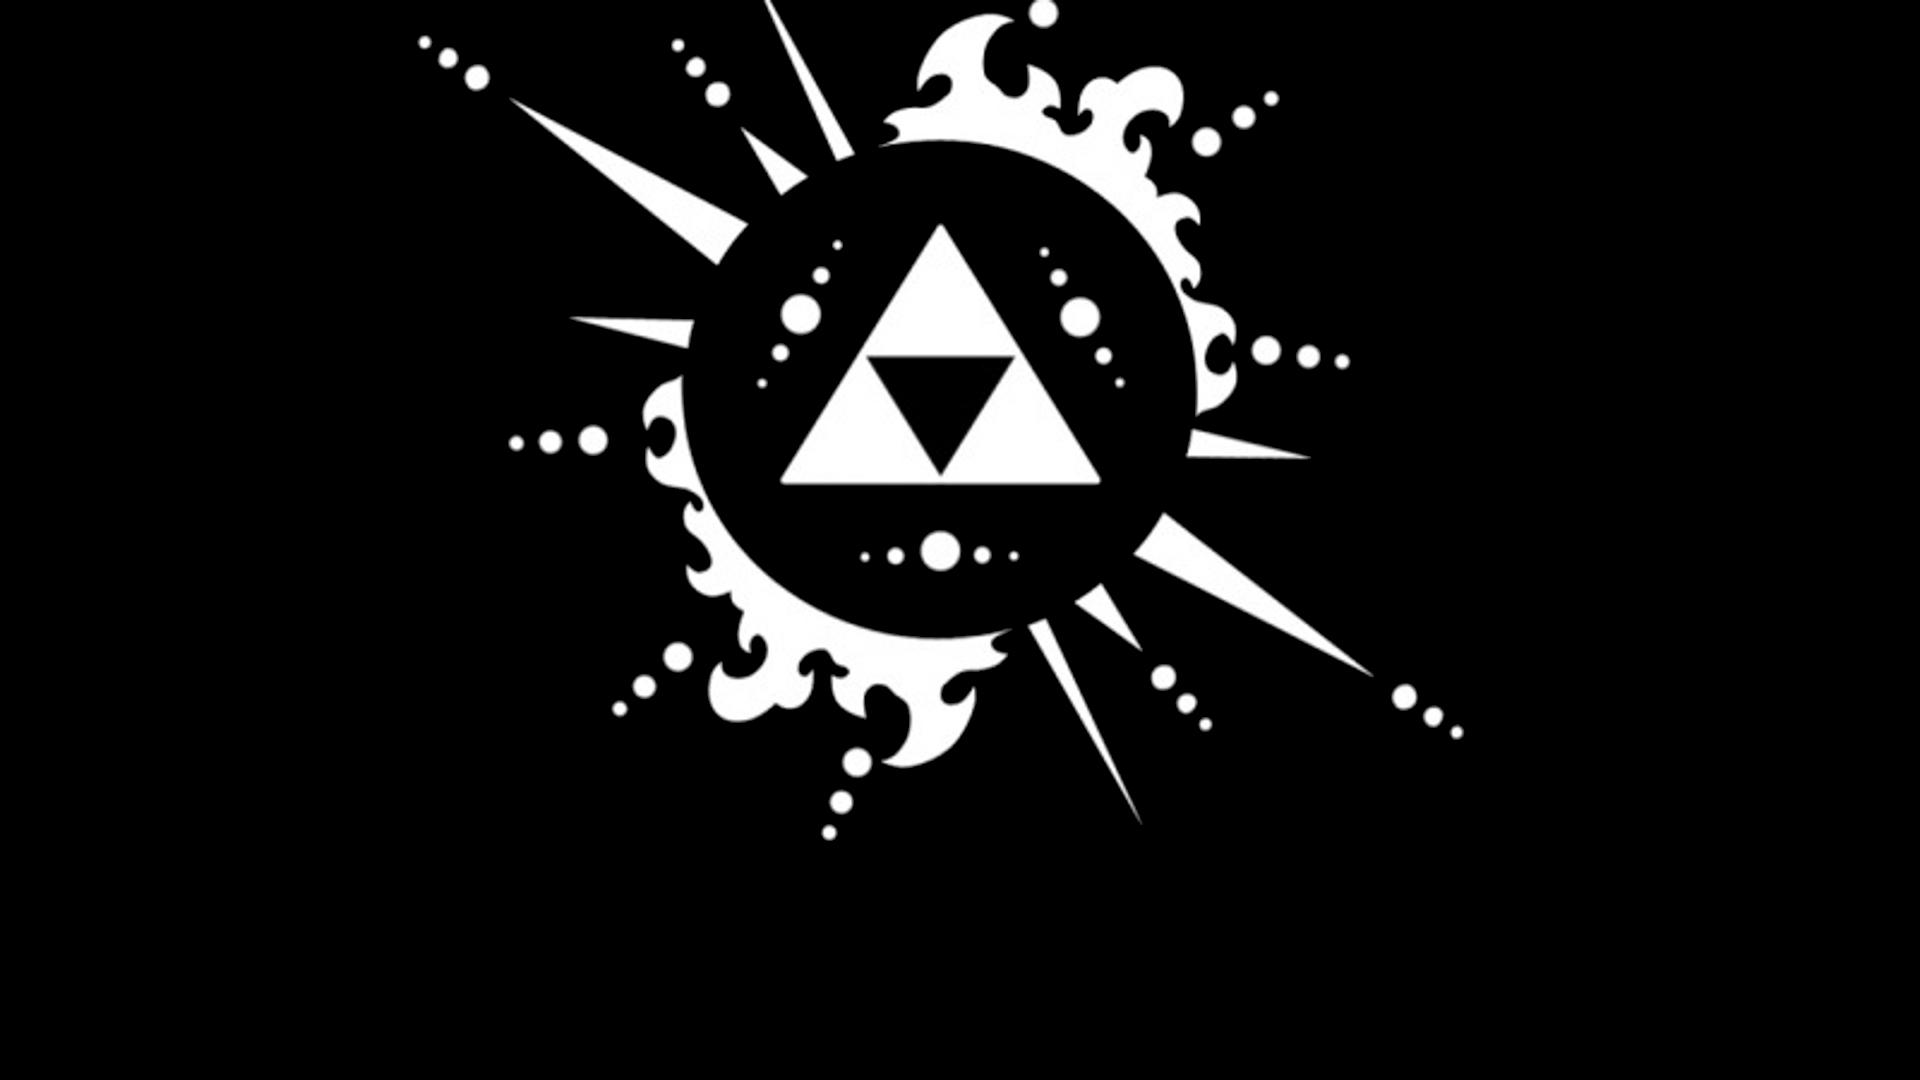 Legend Of Zelda wallpaper   339175 1920x1080